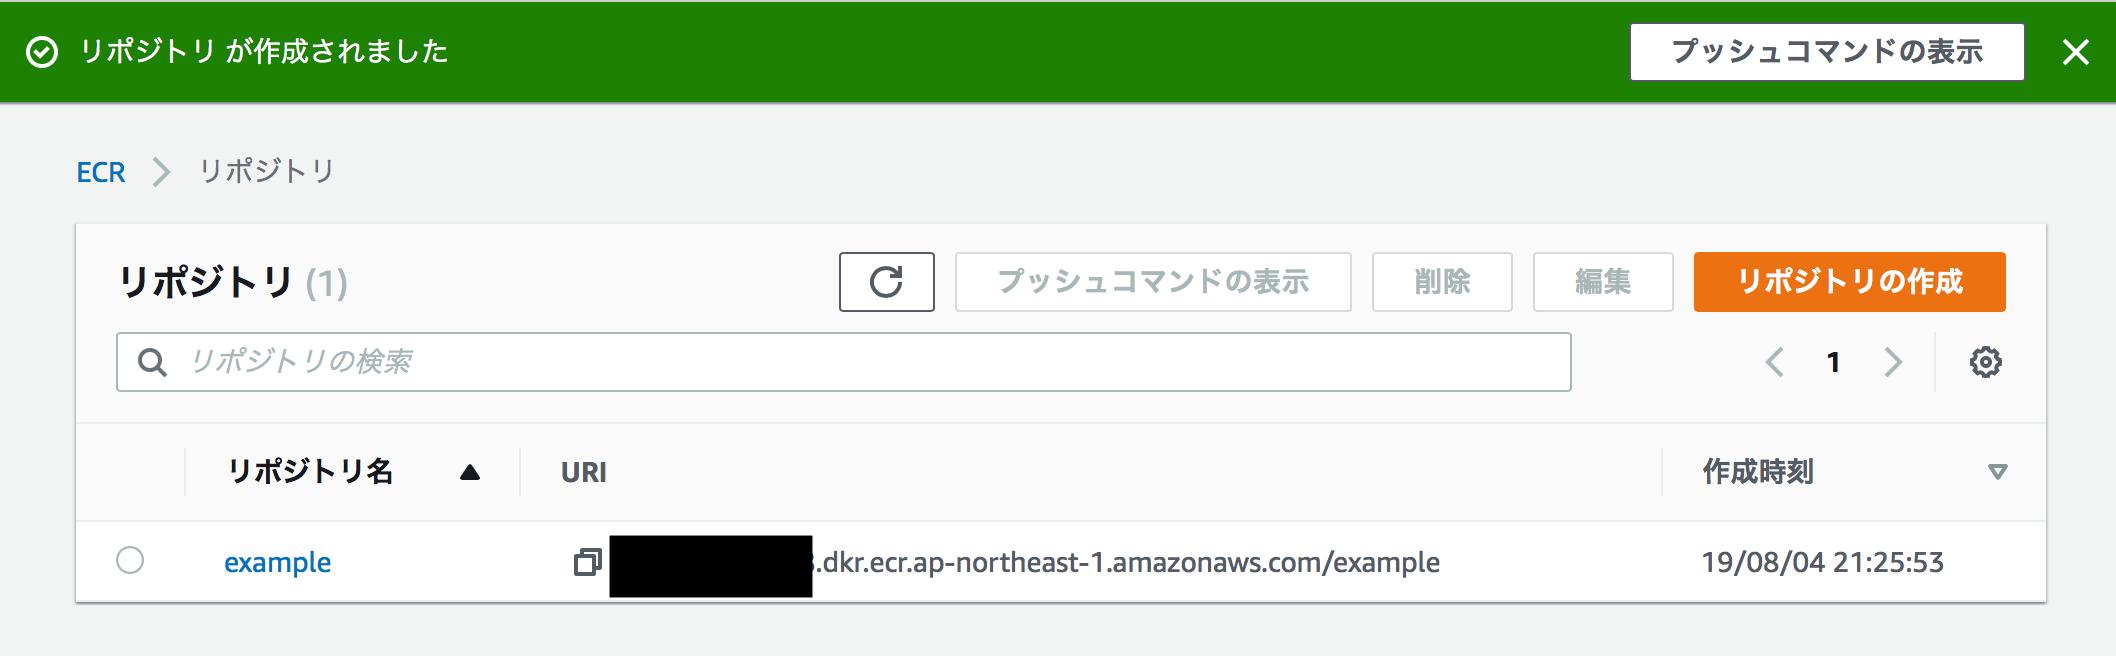 スクリーンショット 2019-08-04 21.25.57.png